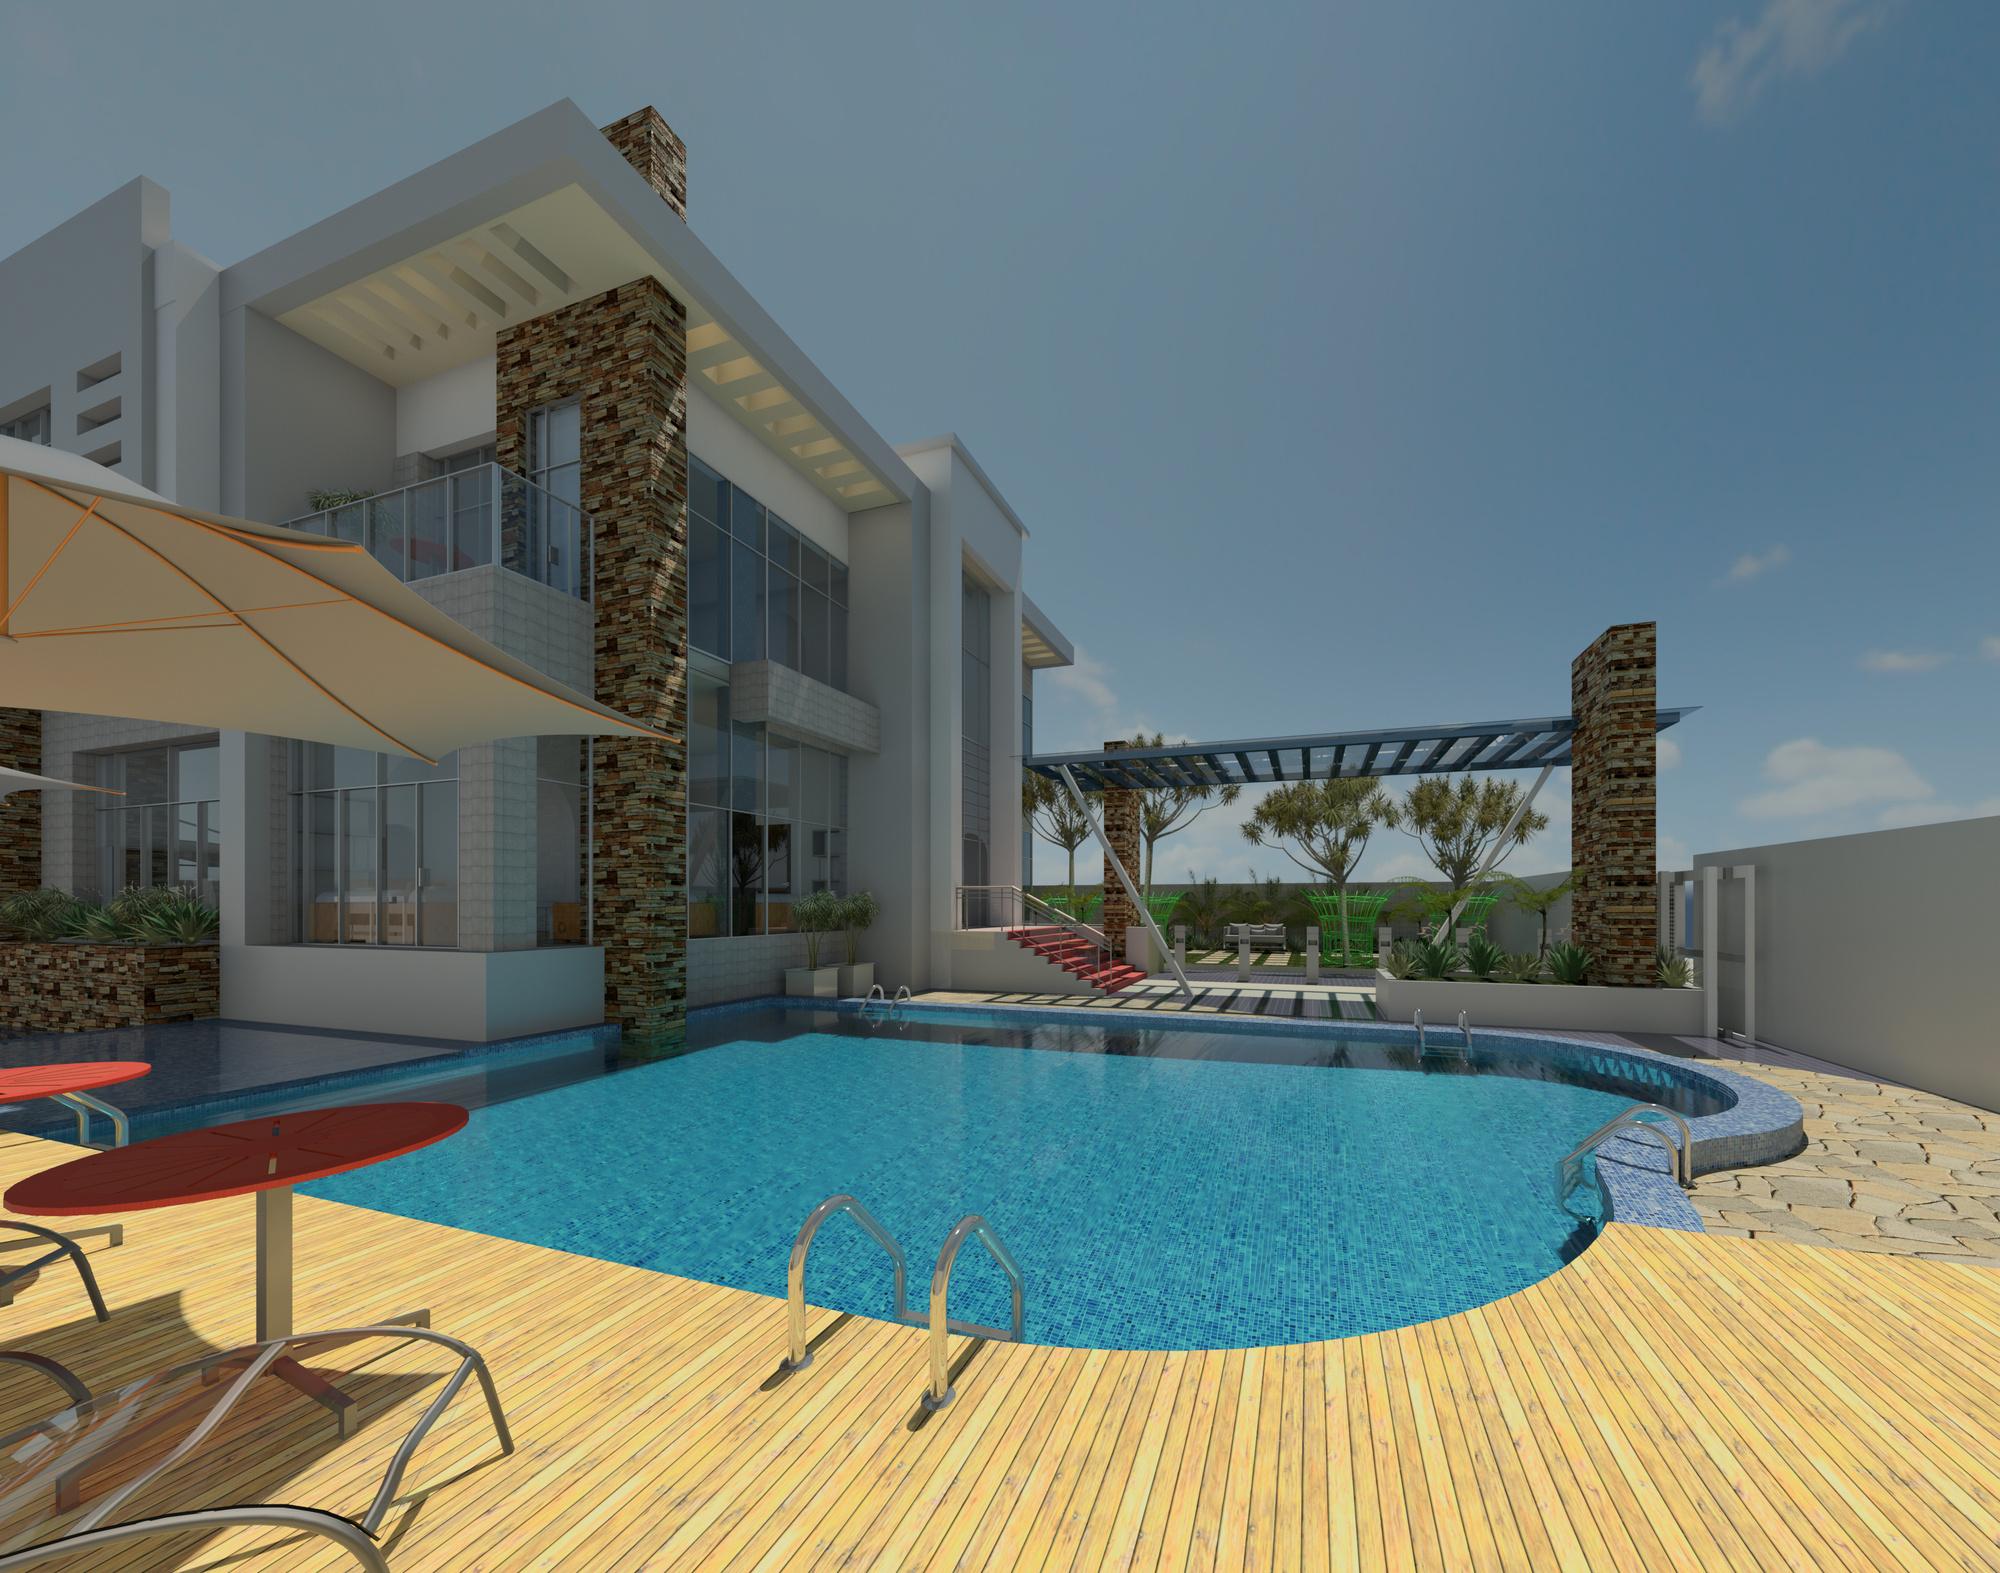 Raas-rendering20150324-6538-j06ntl